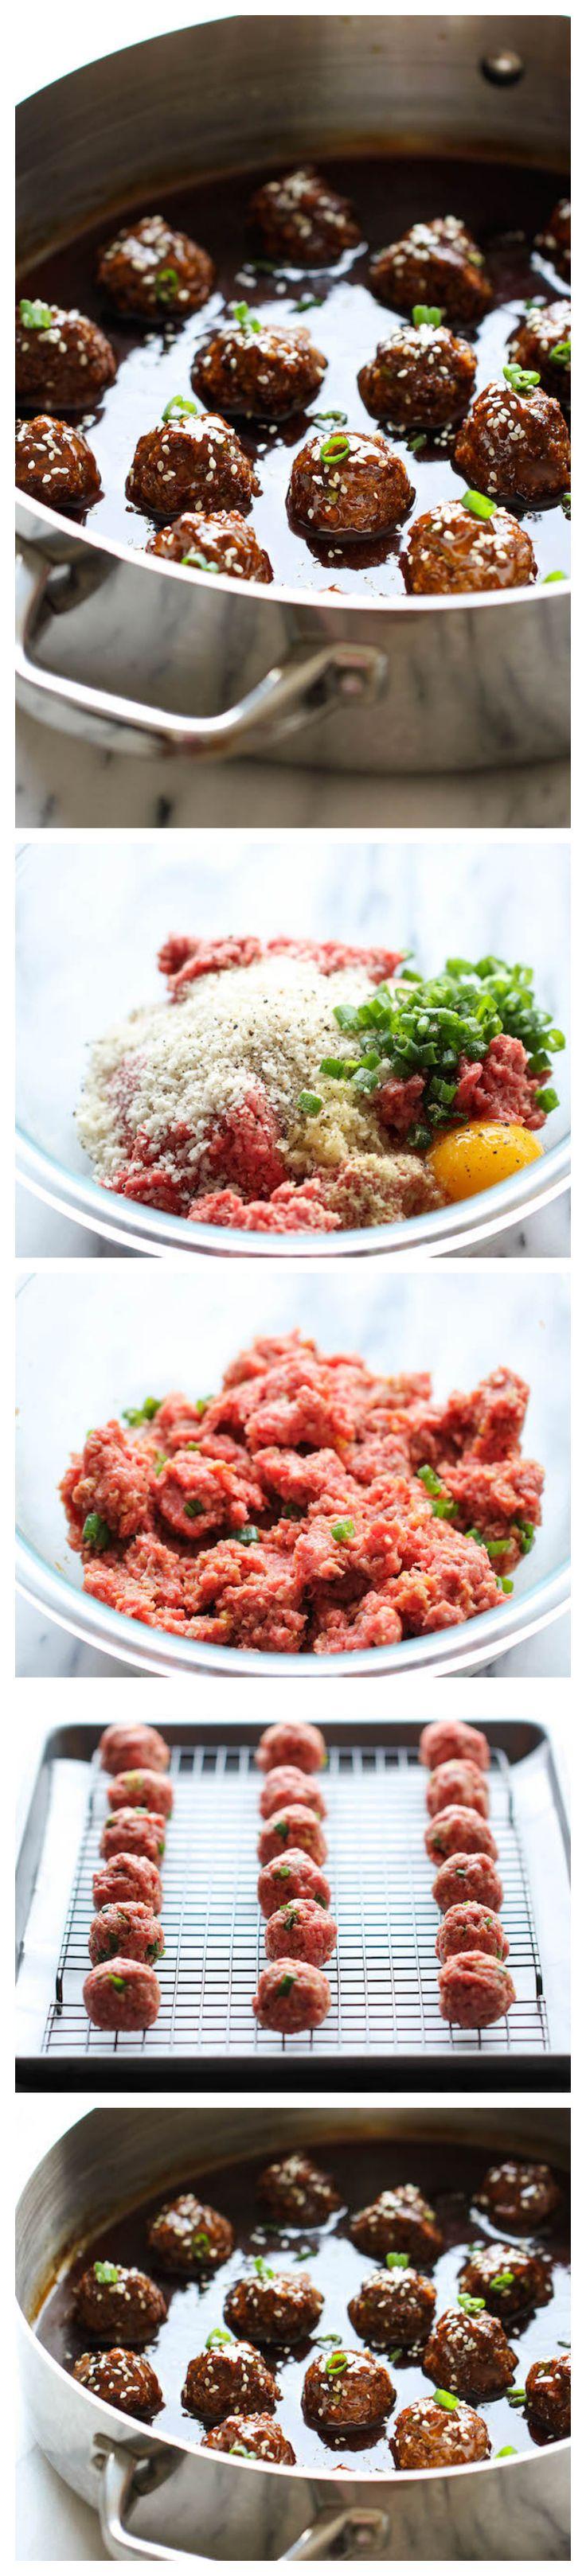 Teriyaki Meatballs - Juicy, tender meatballs tossed in a super easy, homemade sweet teriyaki sauce!